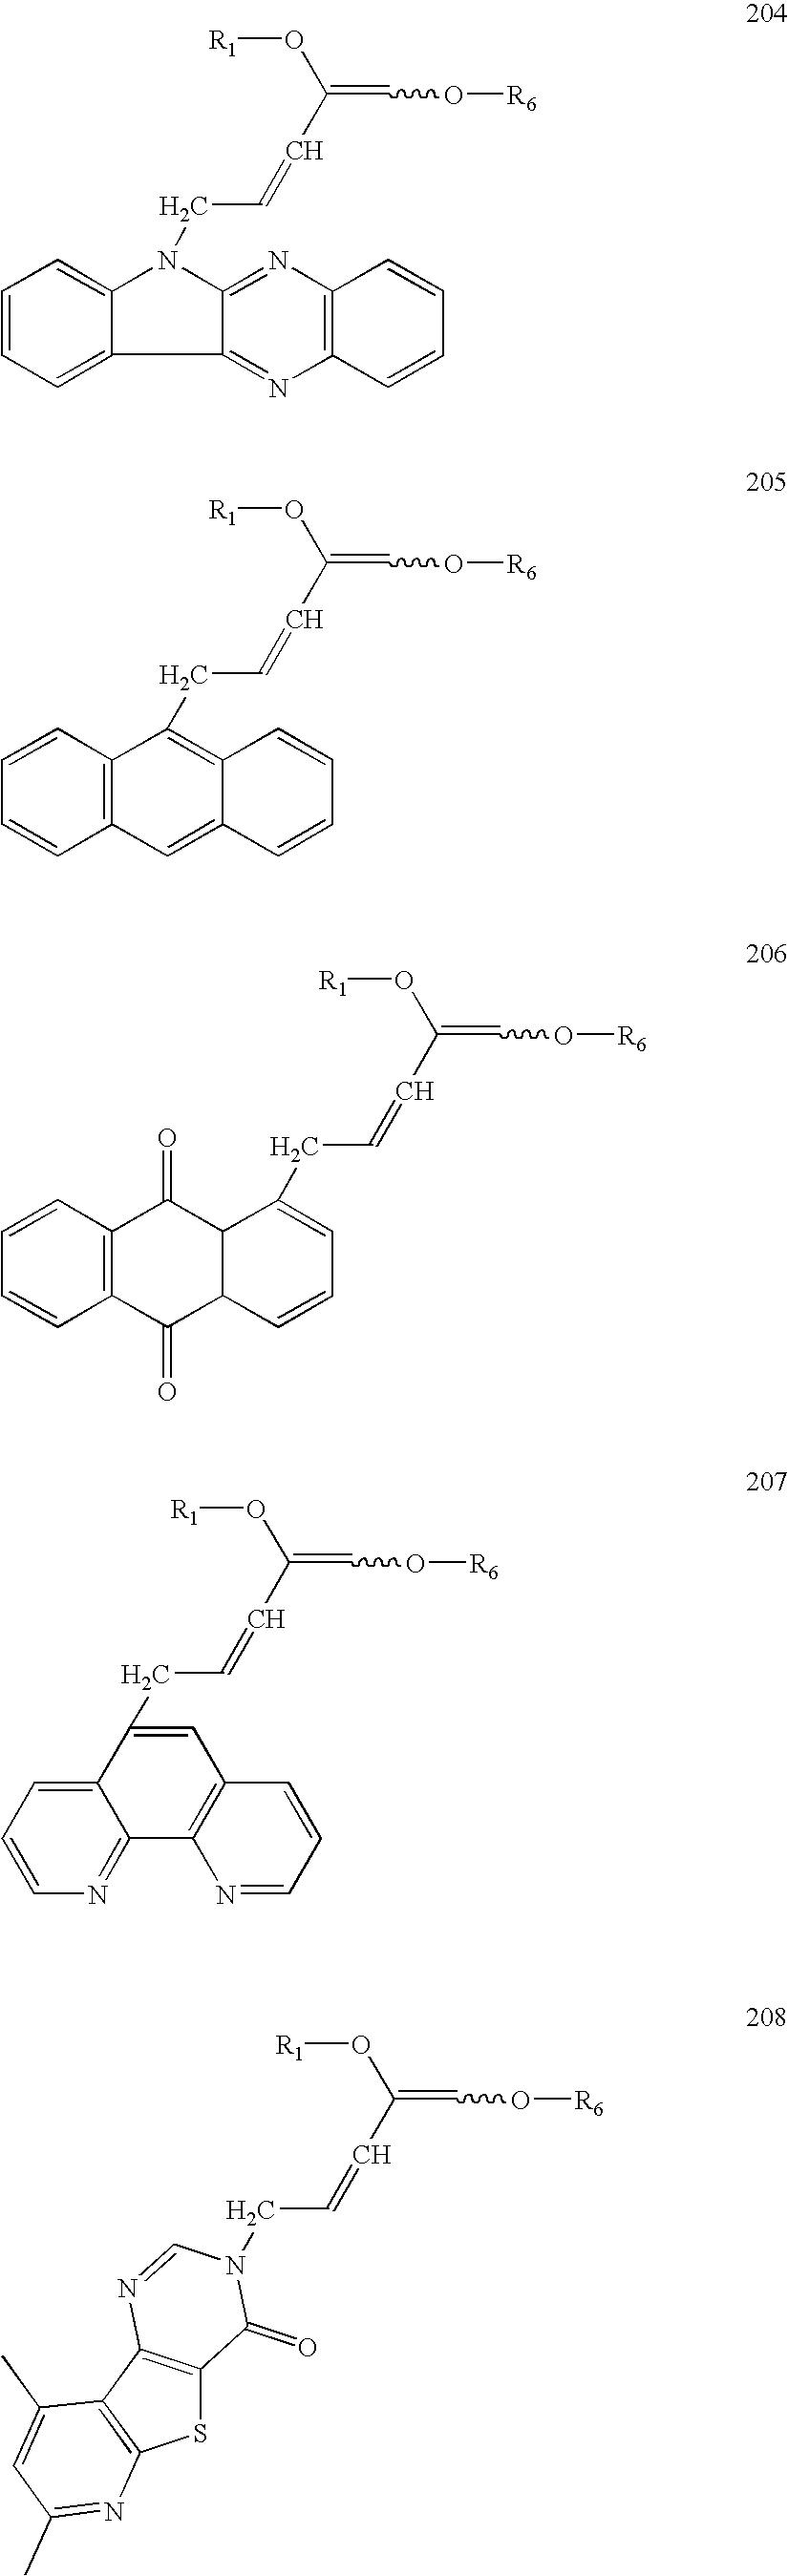 Figure US20060014144A1-20060119-C00133